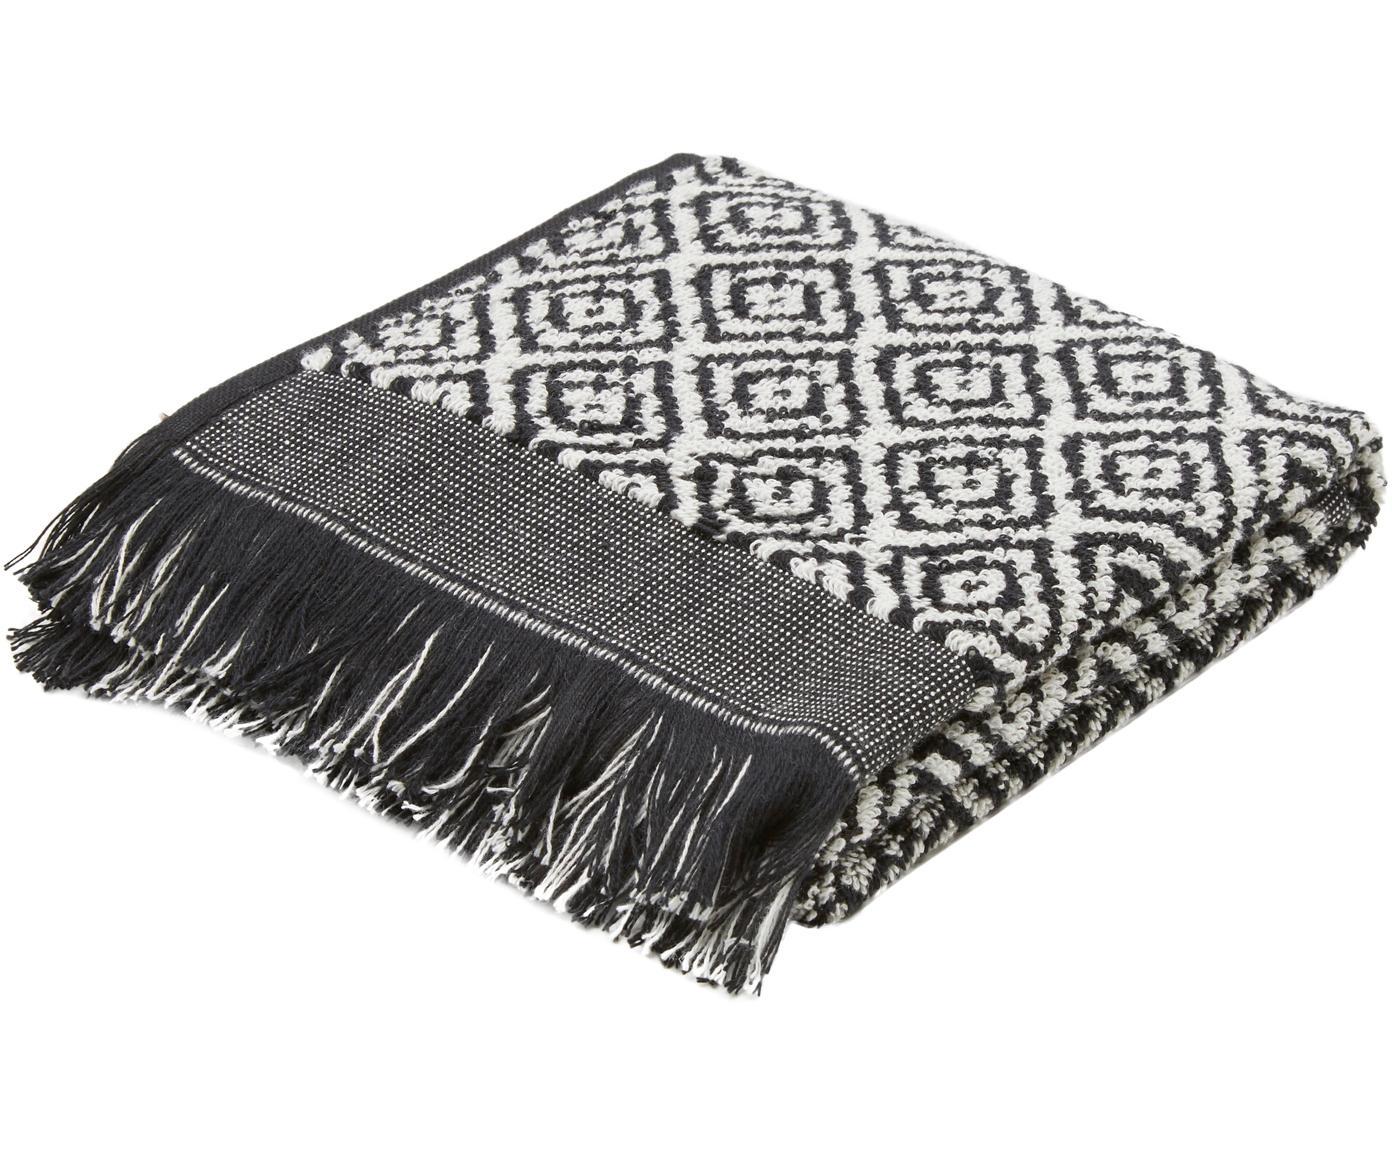 Handtuch Morocco mit Rautenmuster, Schwarz, Weiß, Gästehandtuch